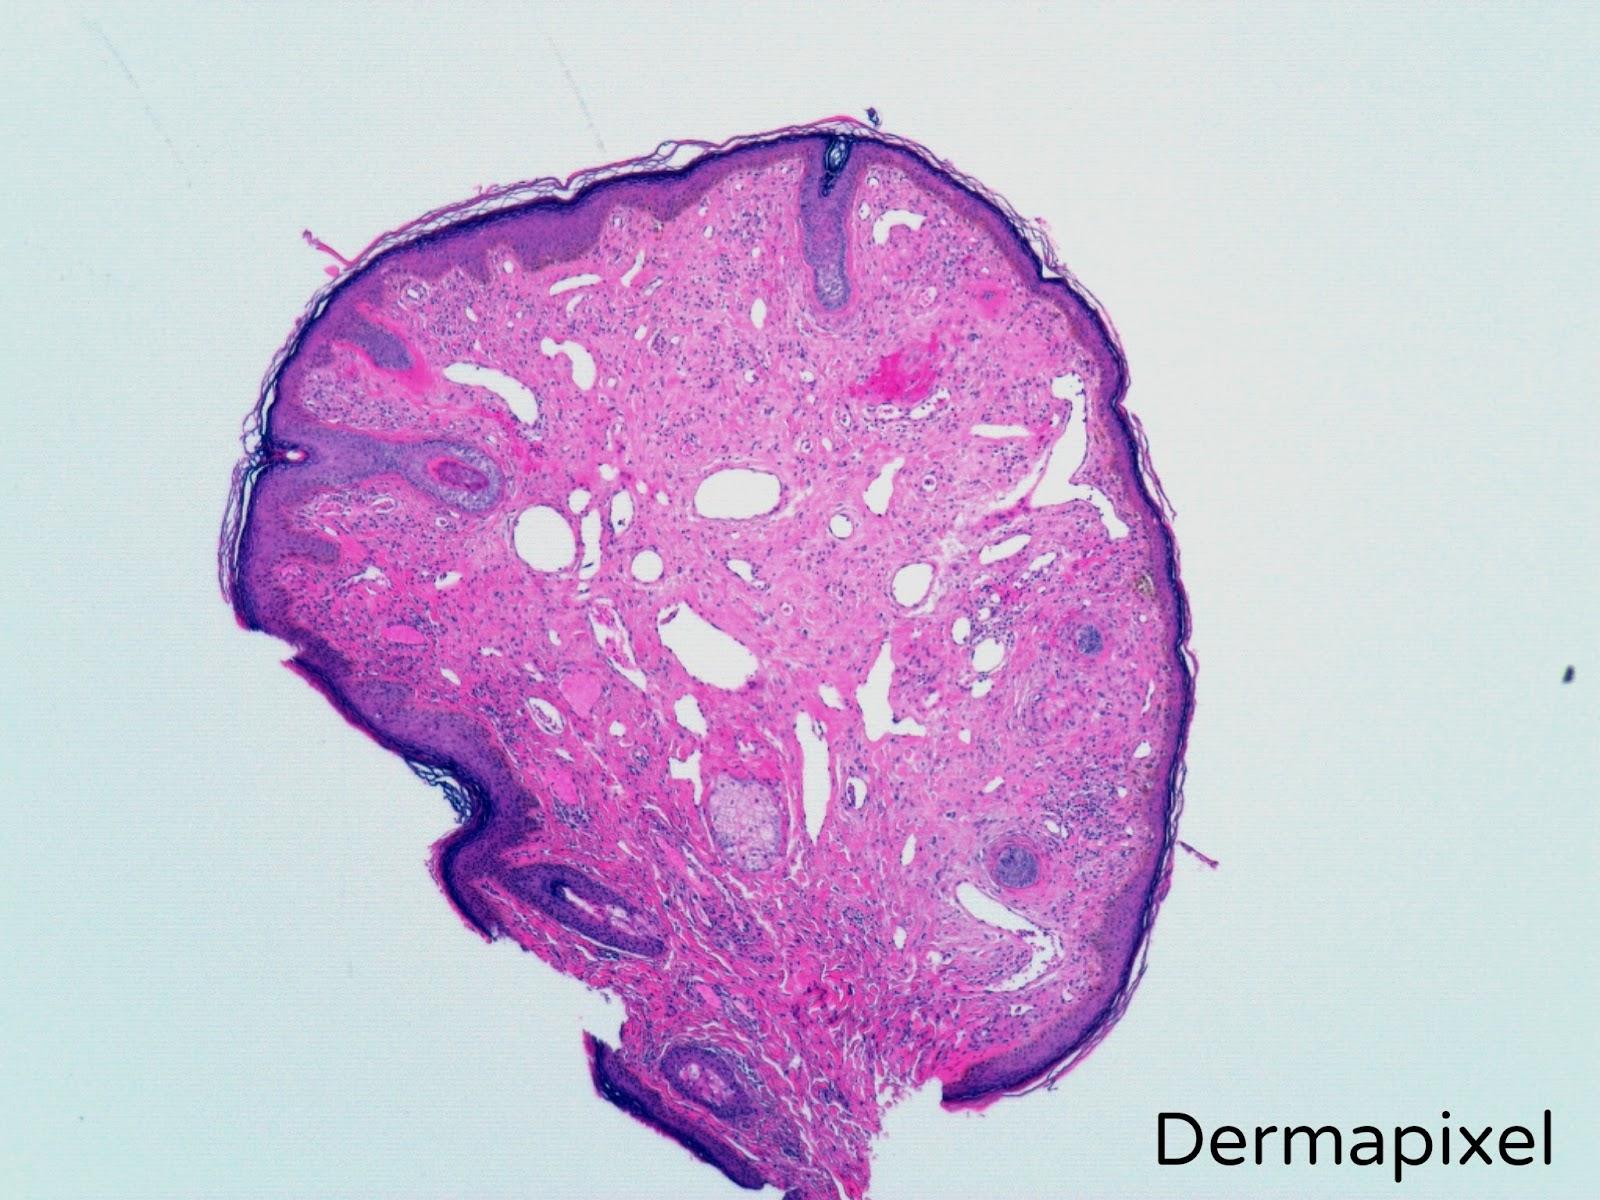 Dermapixel: Pápula fibrosa de la nariz: ni es un lunar, ni una verruga